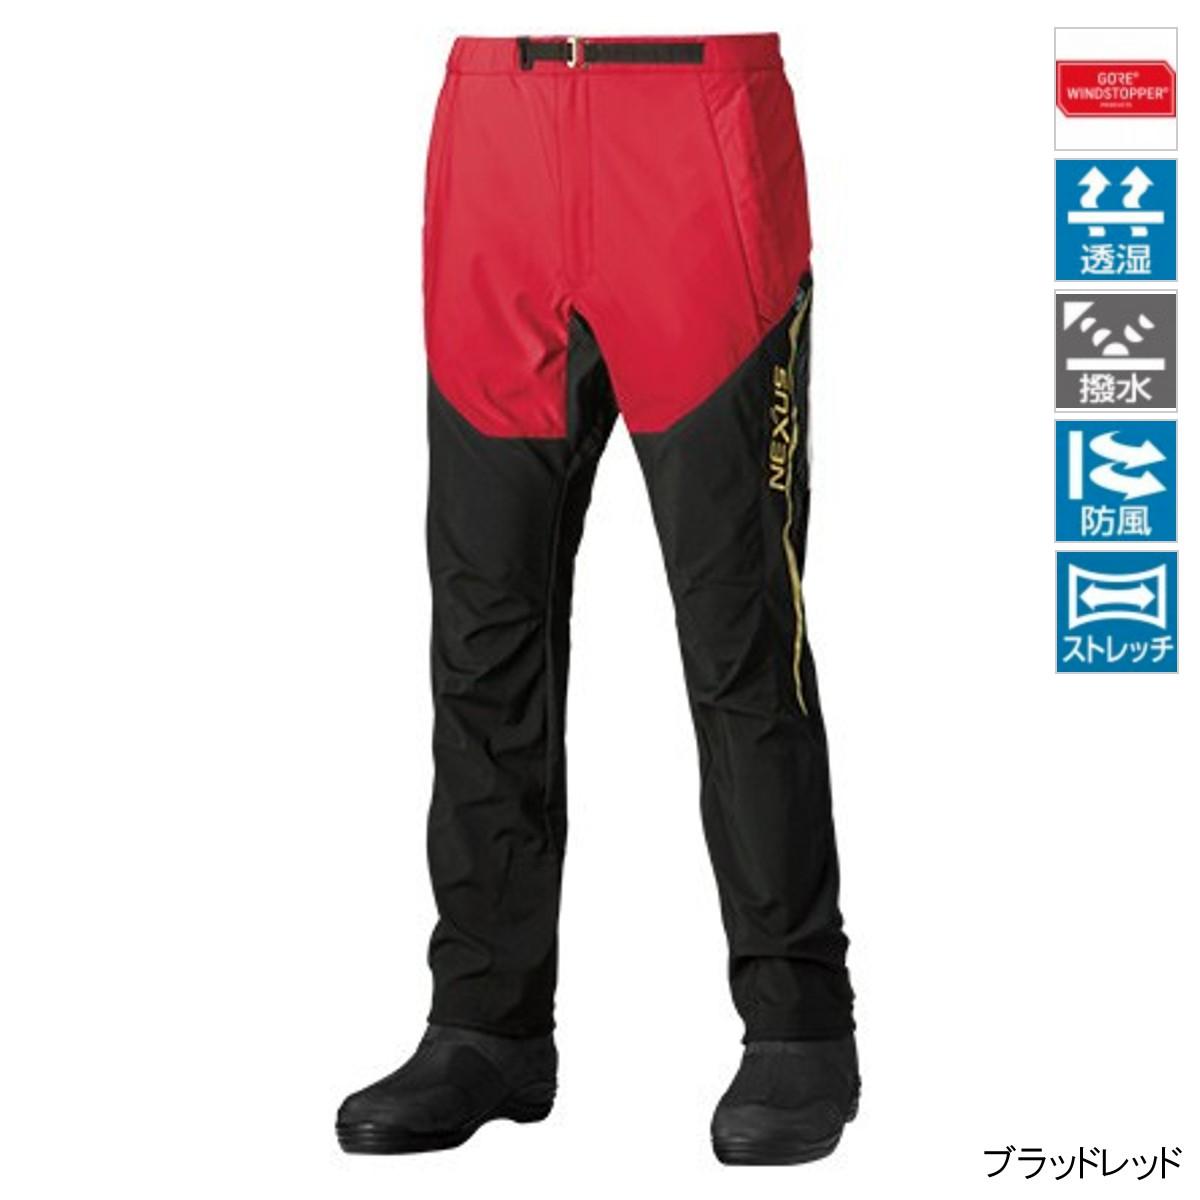 シマノ NEXUS・GORE WINDSTOPPER パンツ LIMITED PRO PA-131R 2XL ブラッドレッド【送料無料】